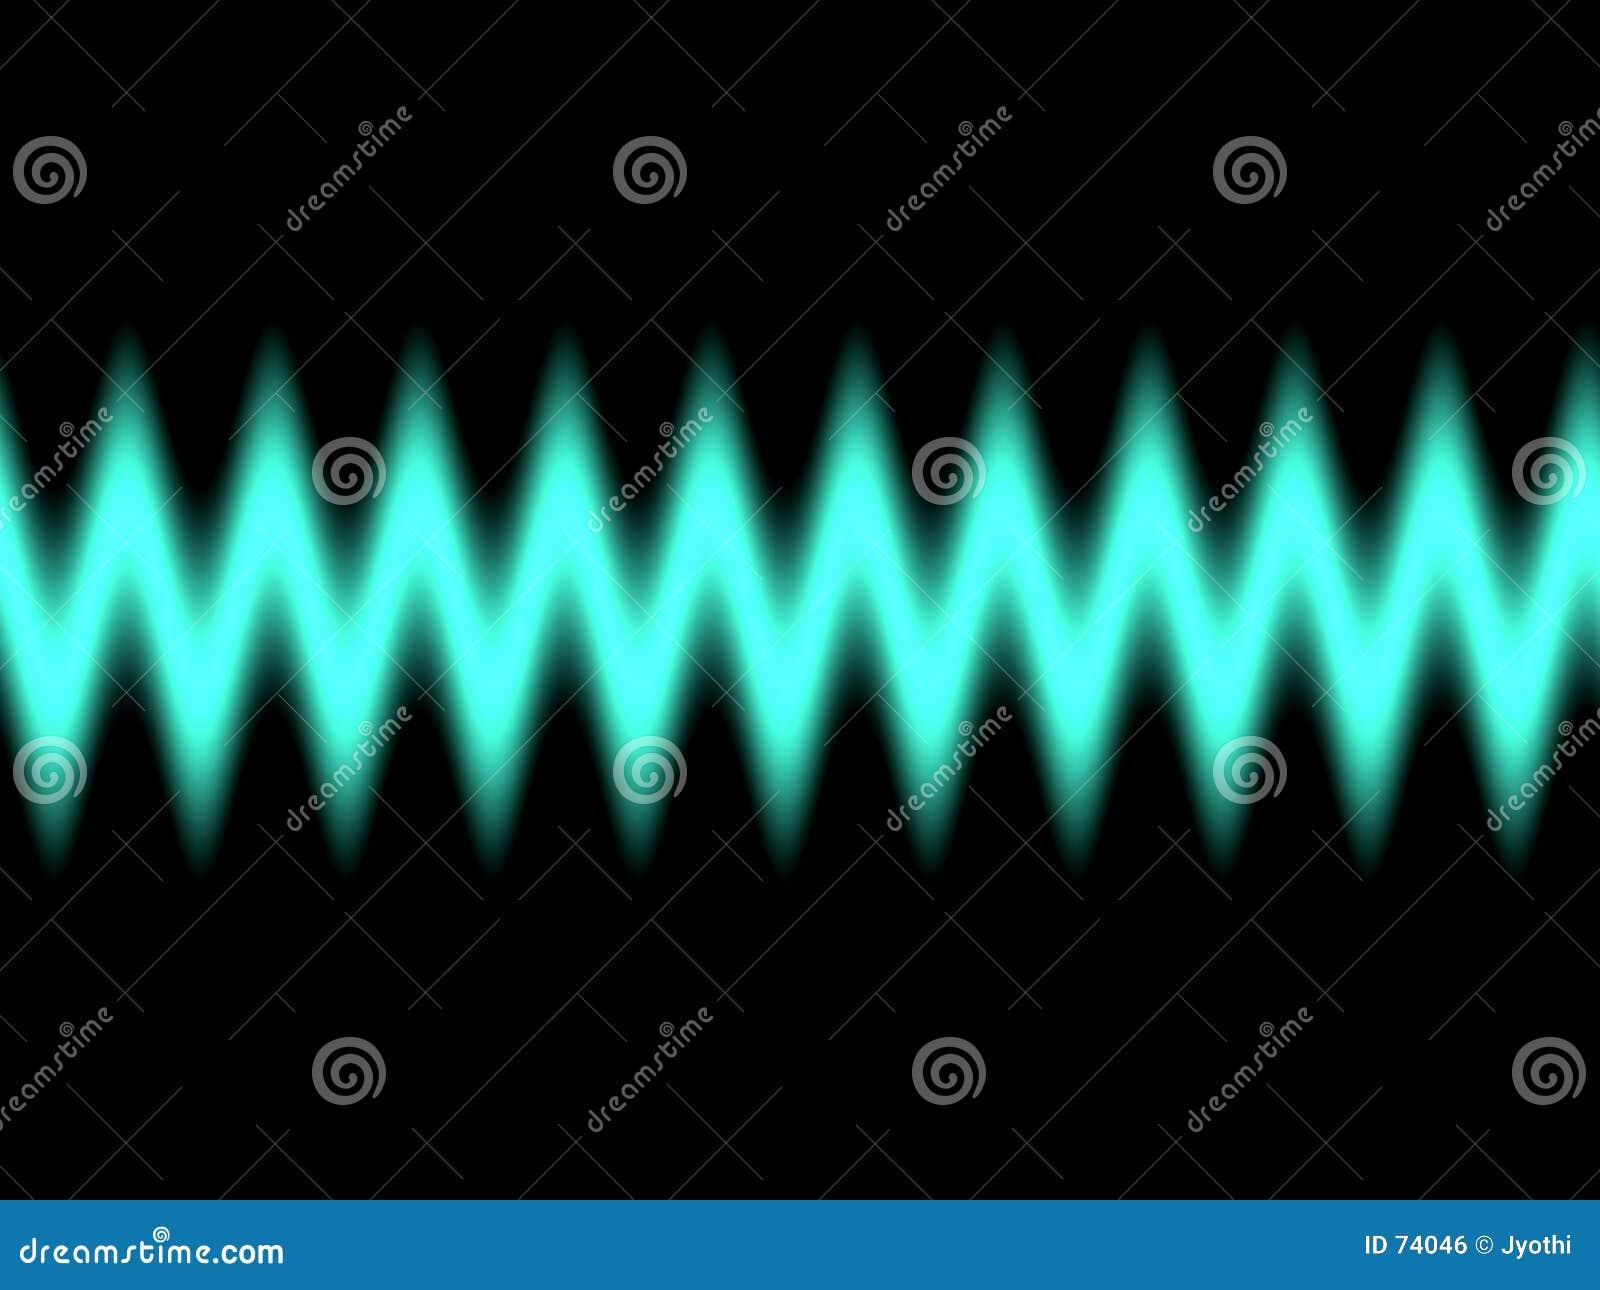 Equalwaves